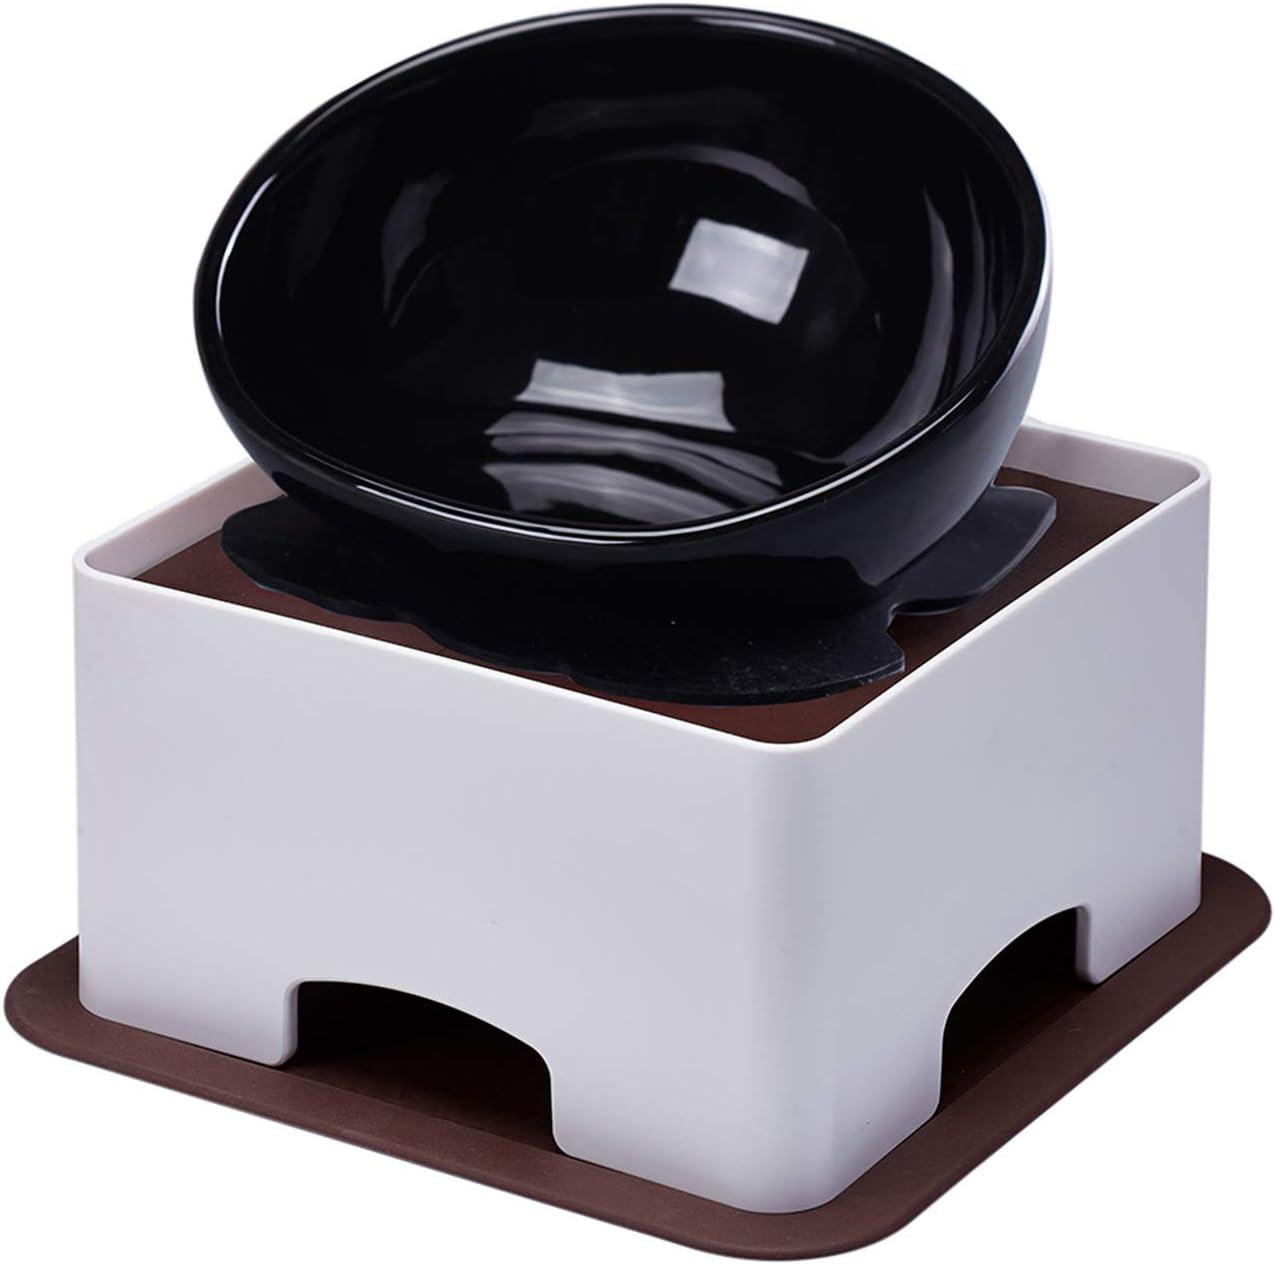 9. YMAXGO Ceramics Single Flat Face Cats/Dogs Feeding Bowl